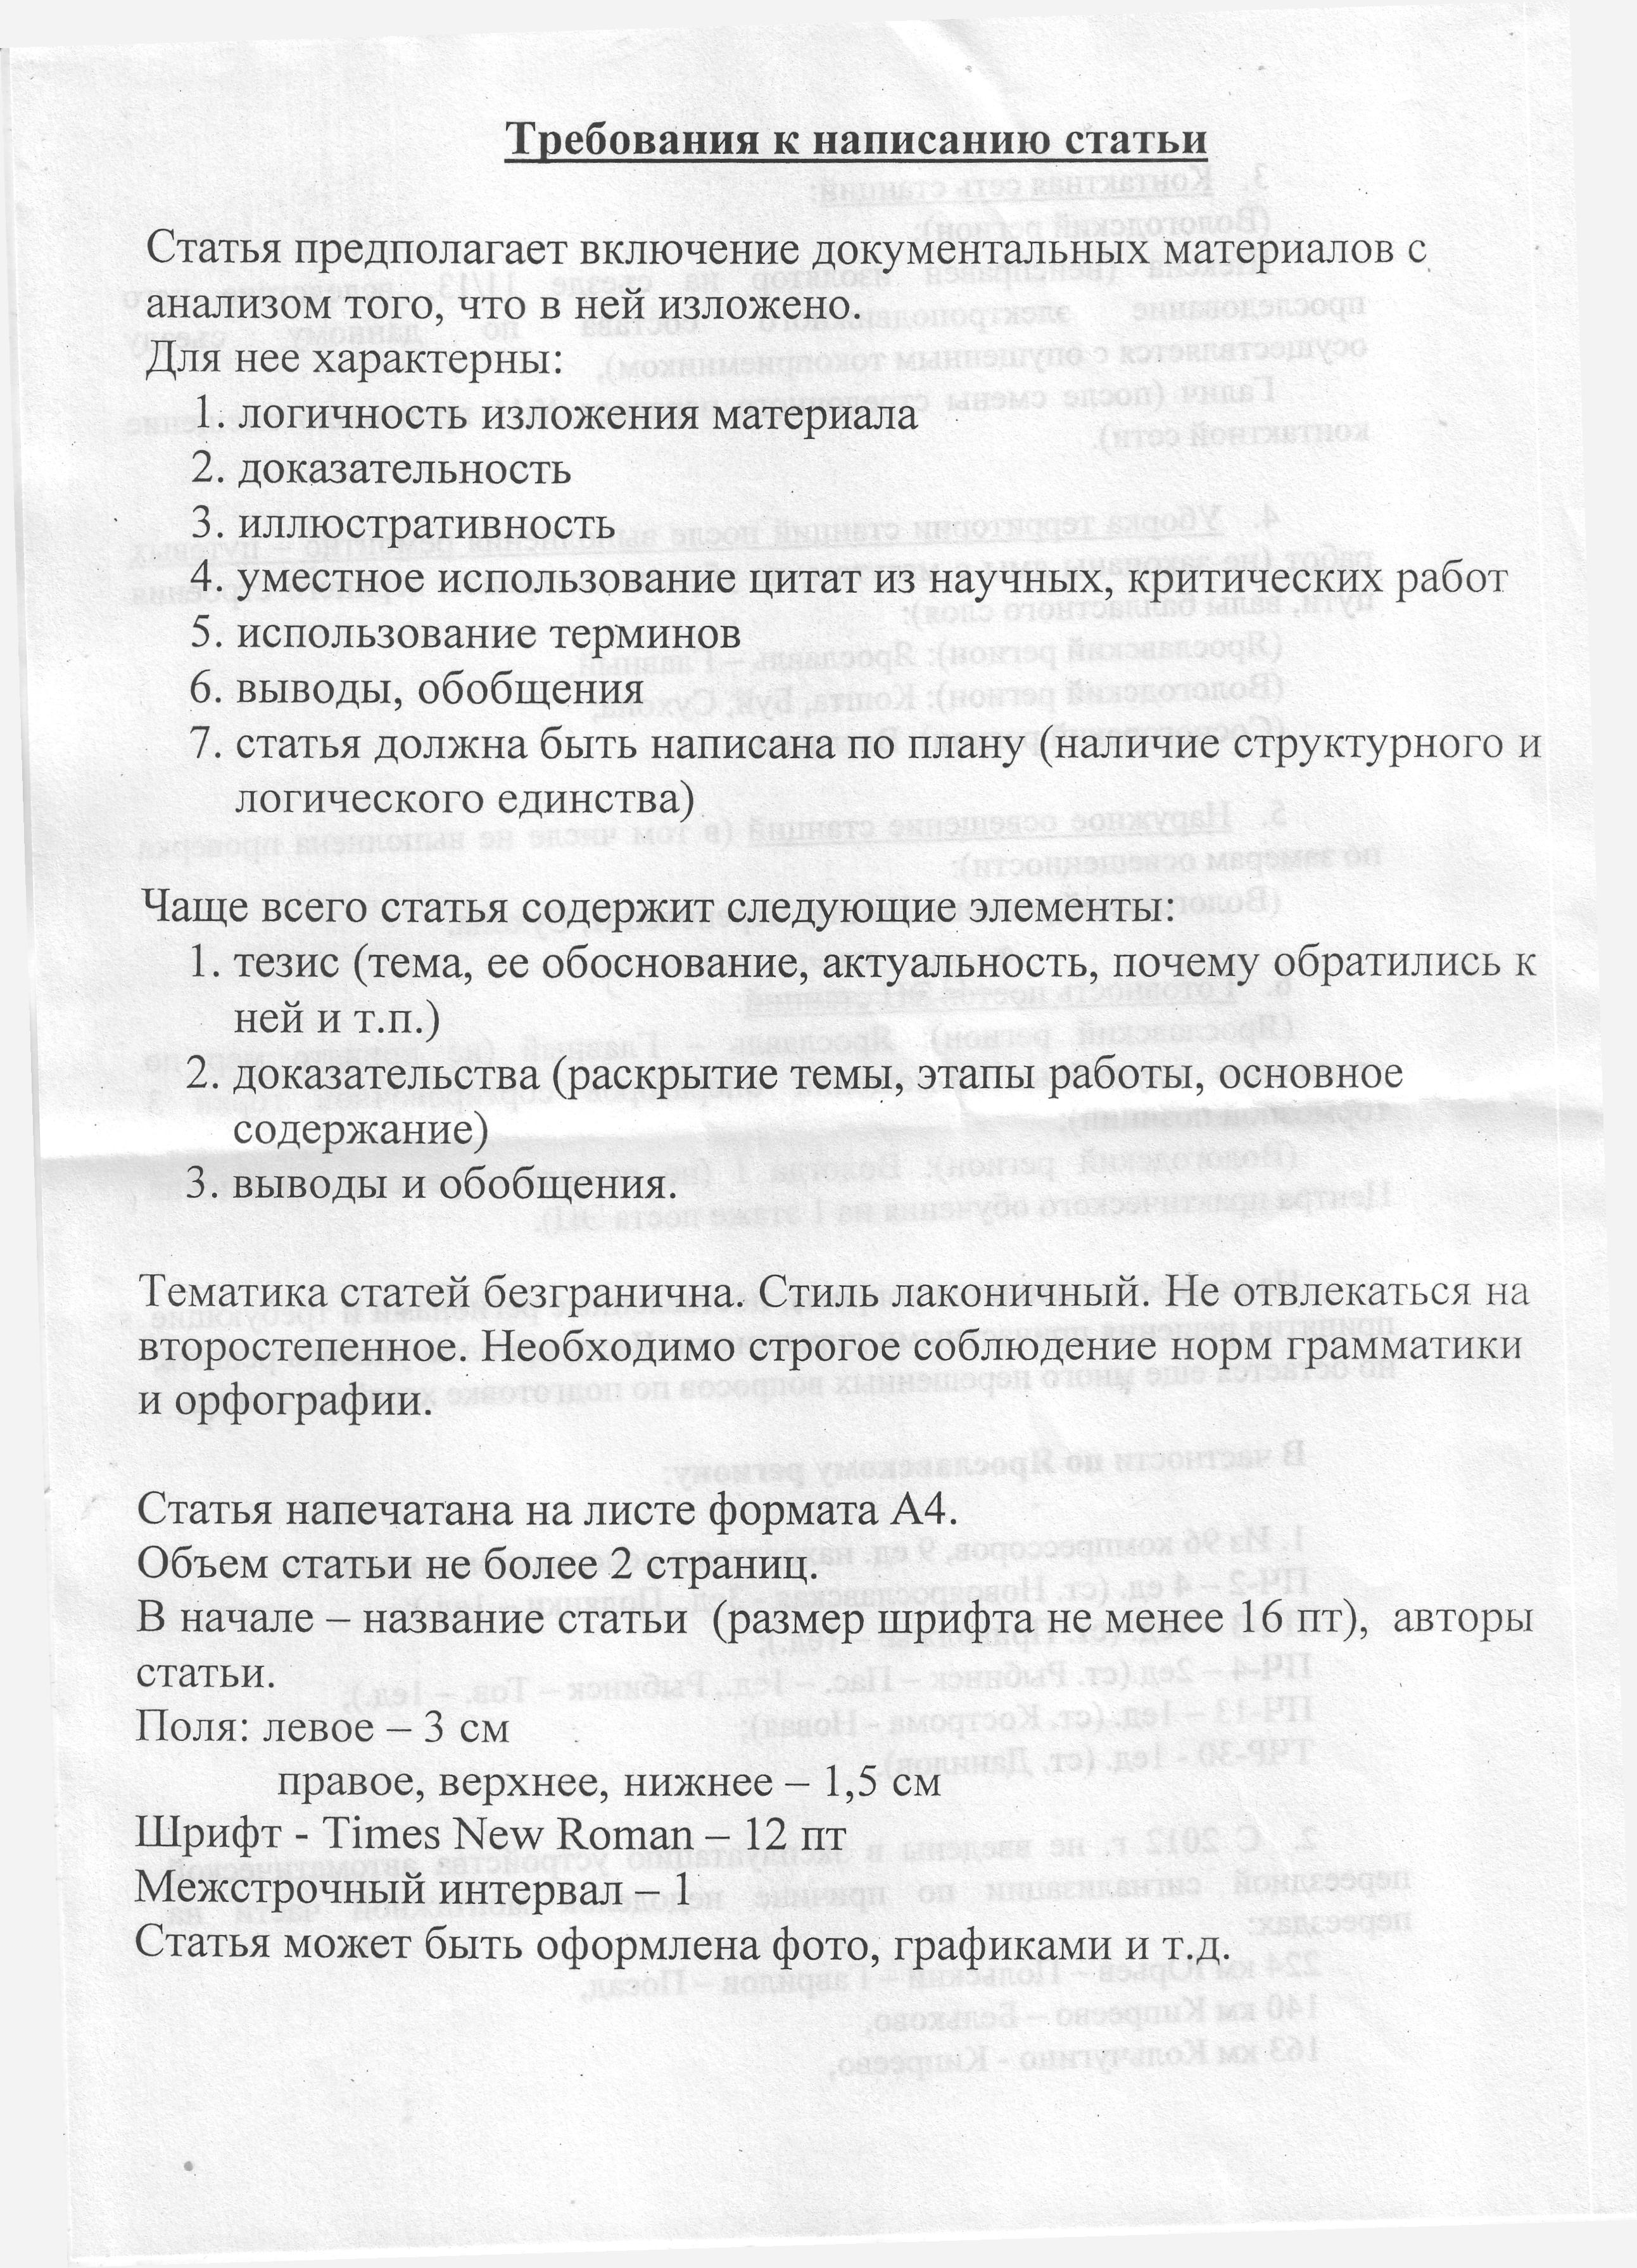 Задания по химии контрольной работы 9 класс Требования к статье